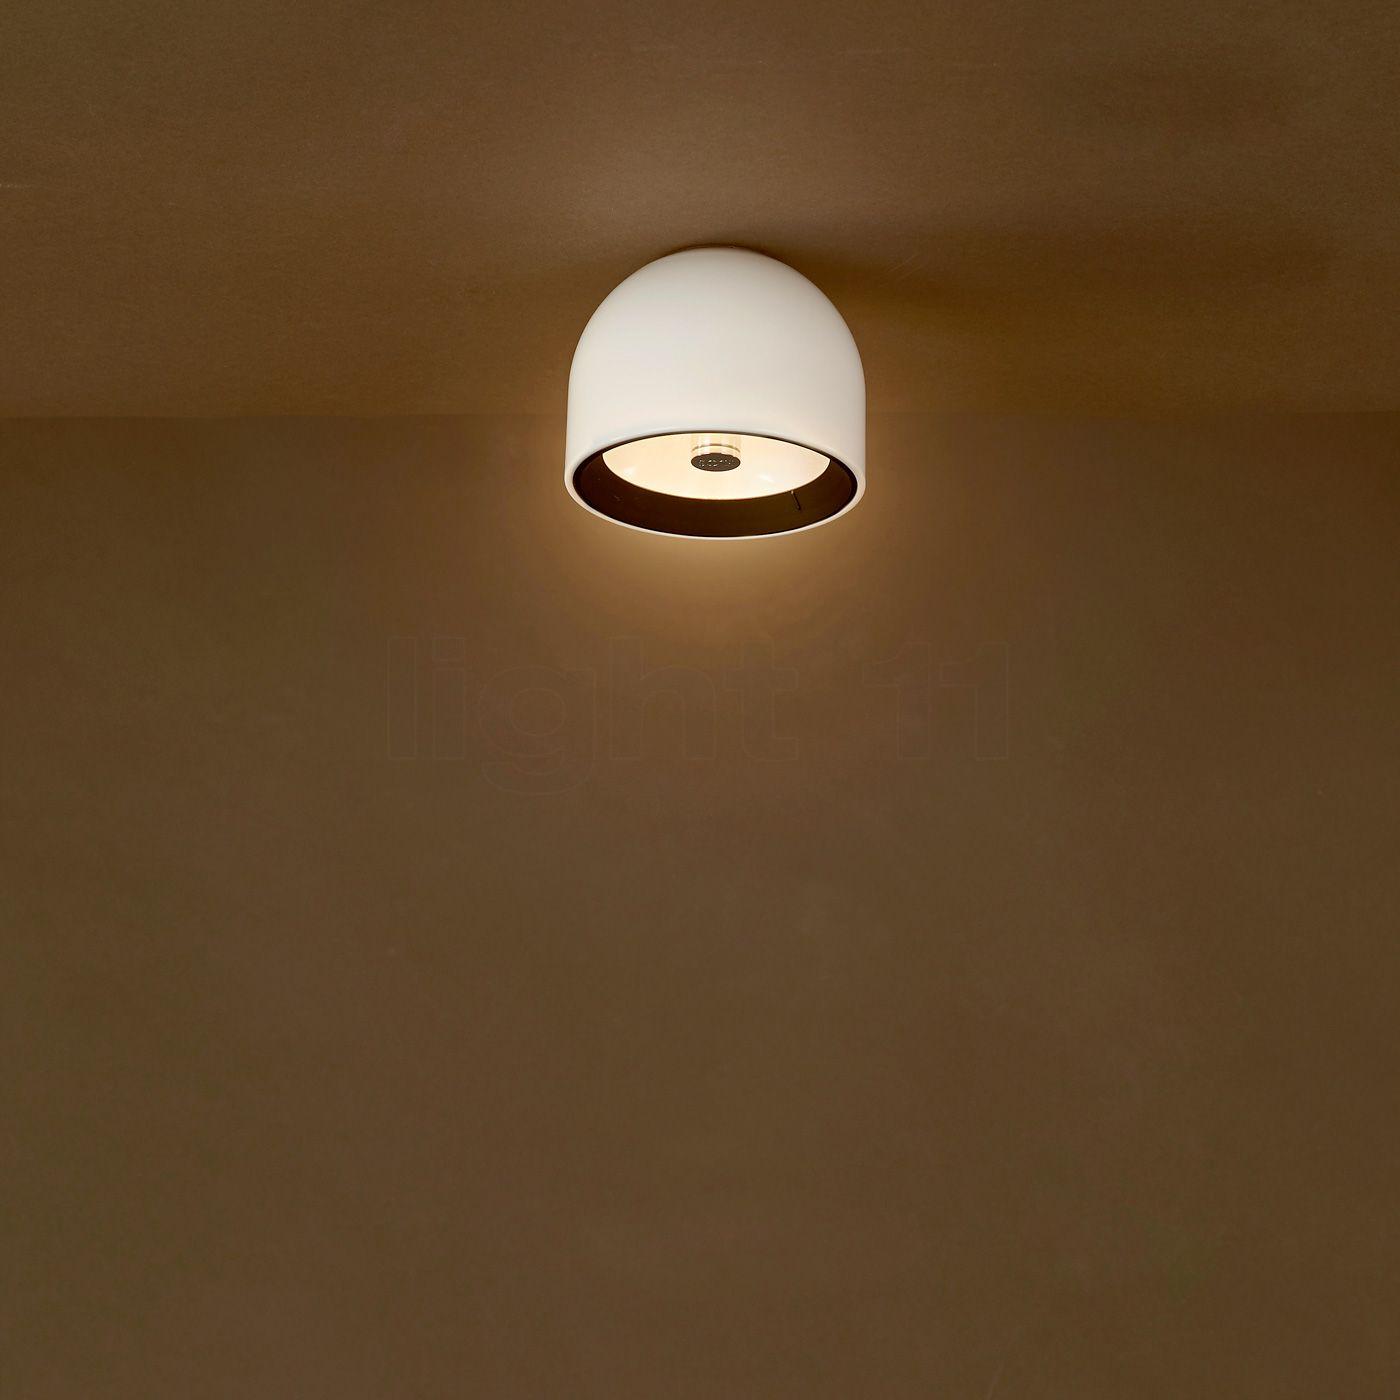 Flos Special 3x Wan Lampe murale Plafonnier light11